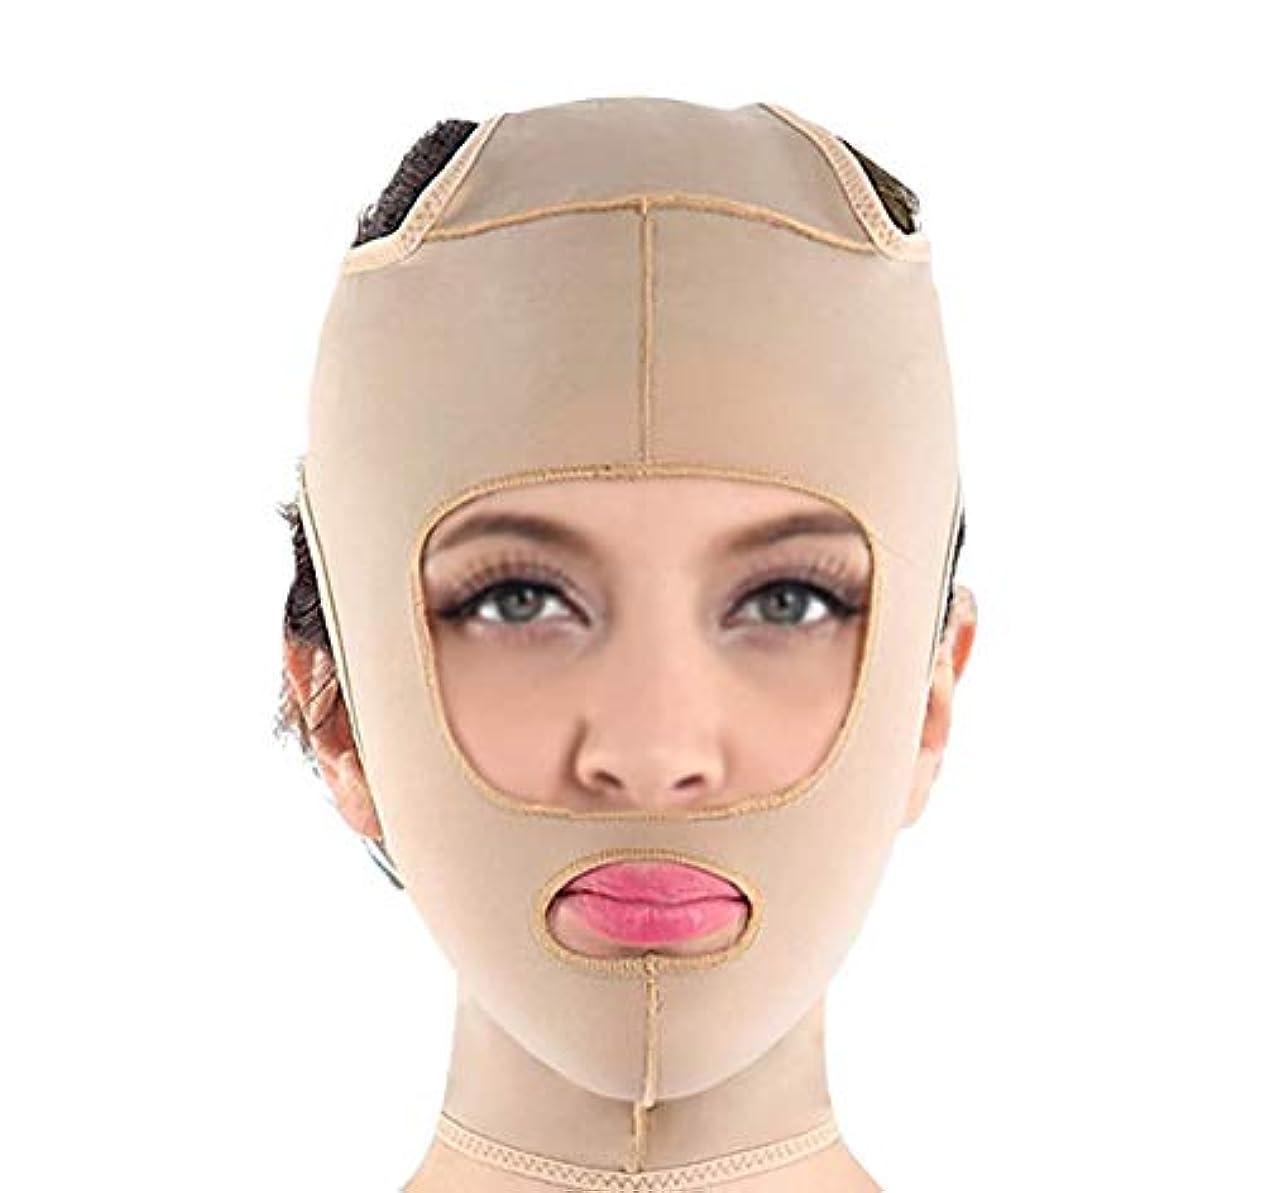 ページ電池一口フェイスリフティングマスクで肌をよりしっかりと保ち、V字型の顔を形作り、超薄型の通気性、調節可能で快適な着用感(サイズ:Xl),M